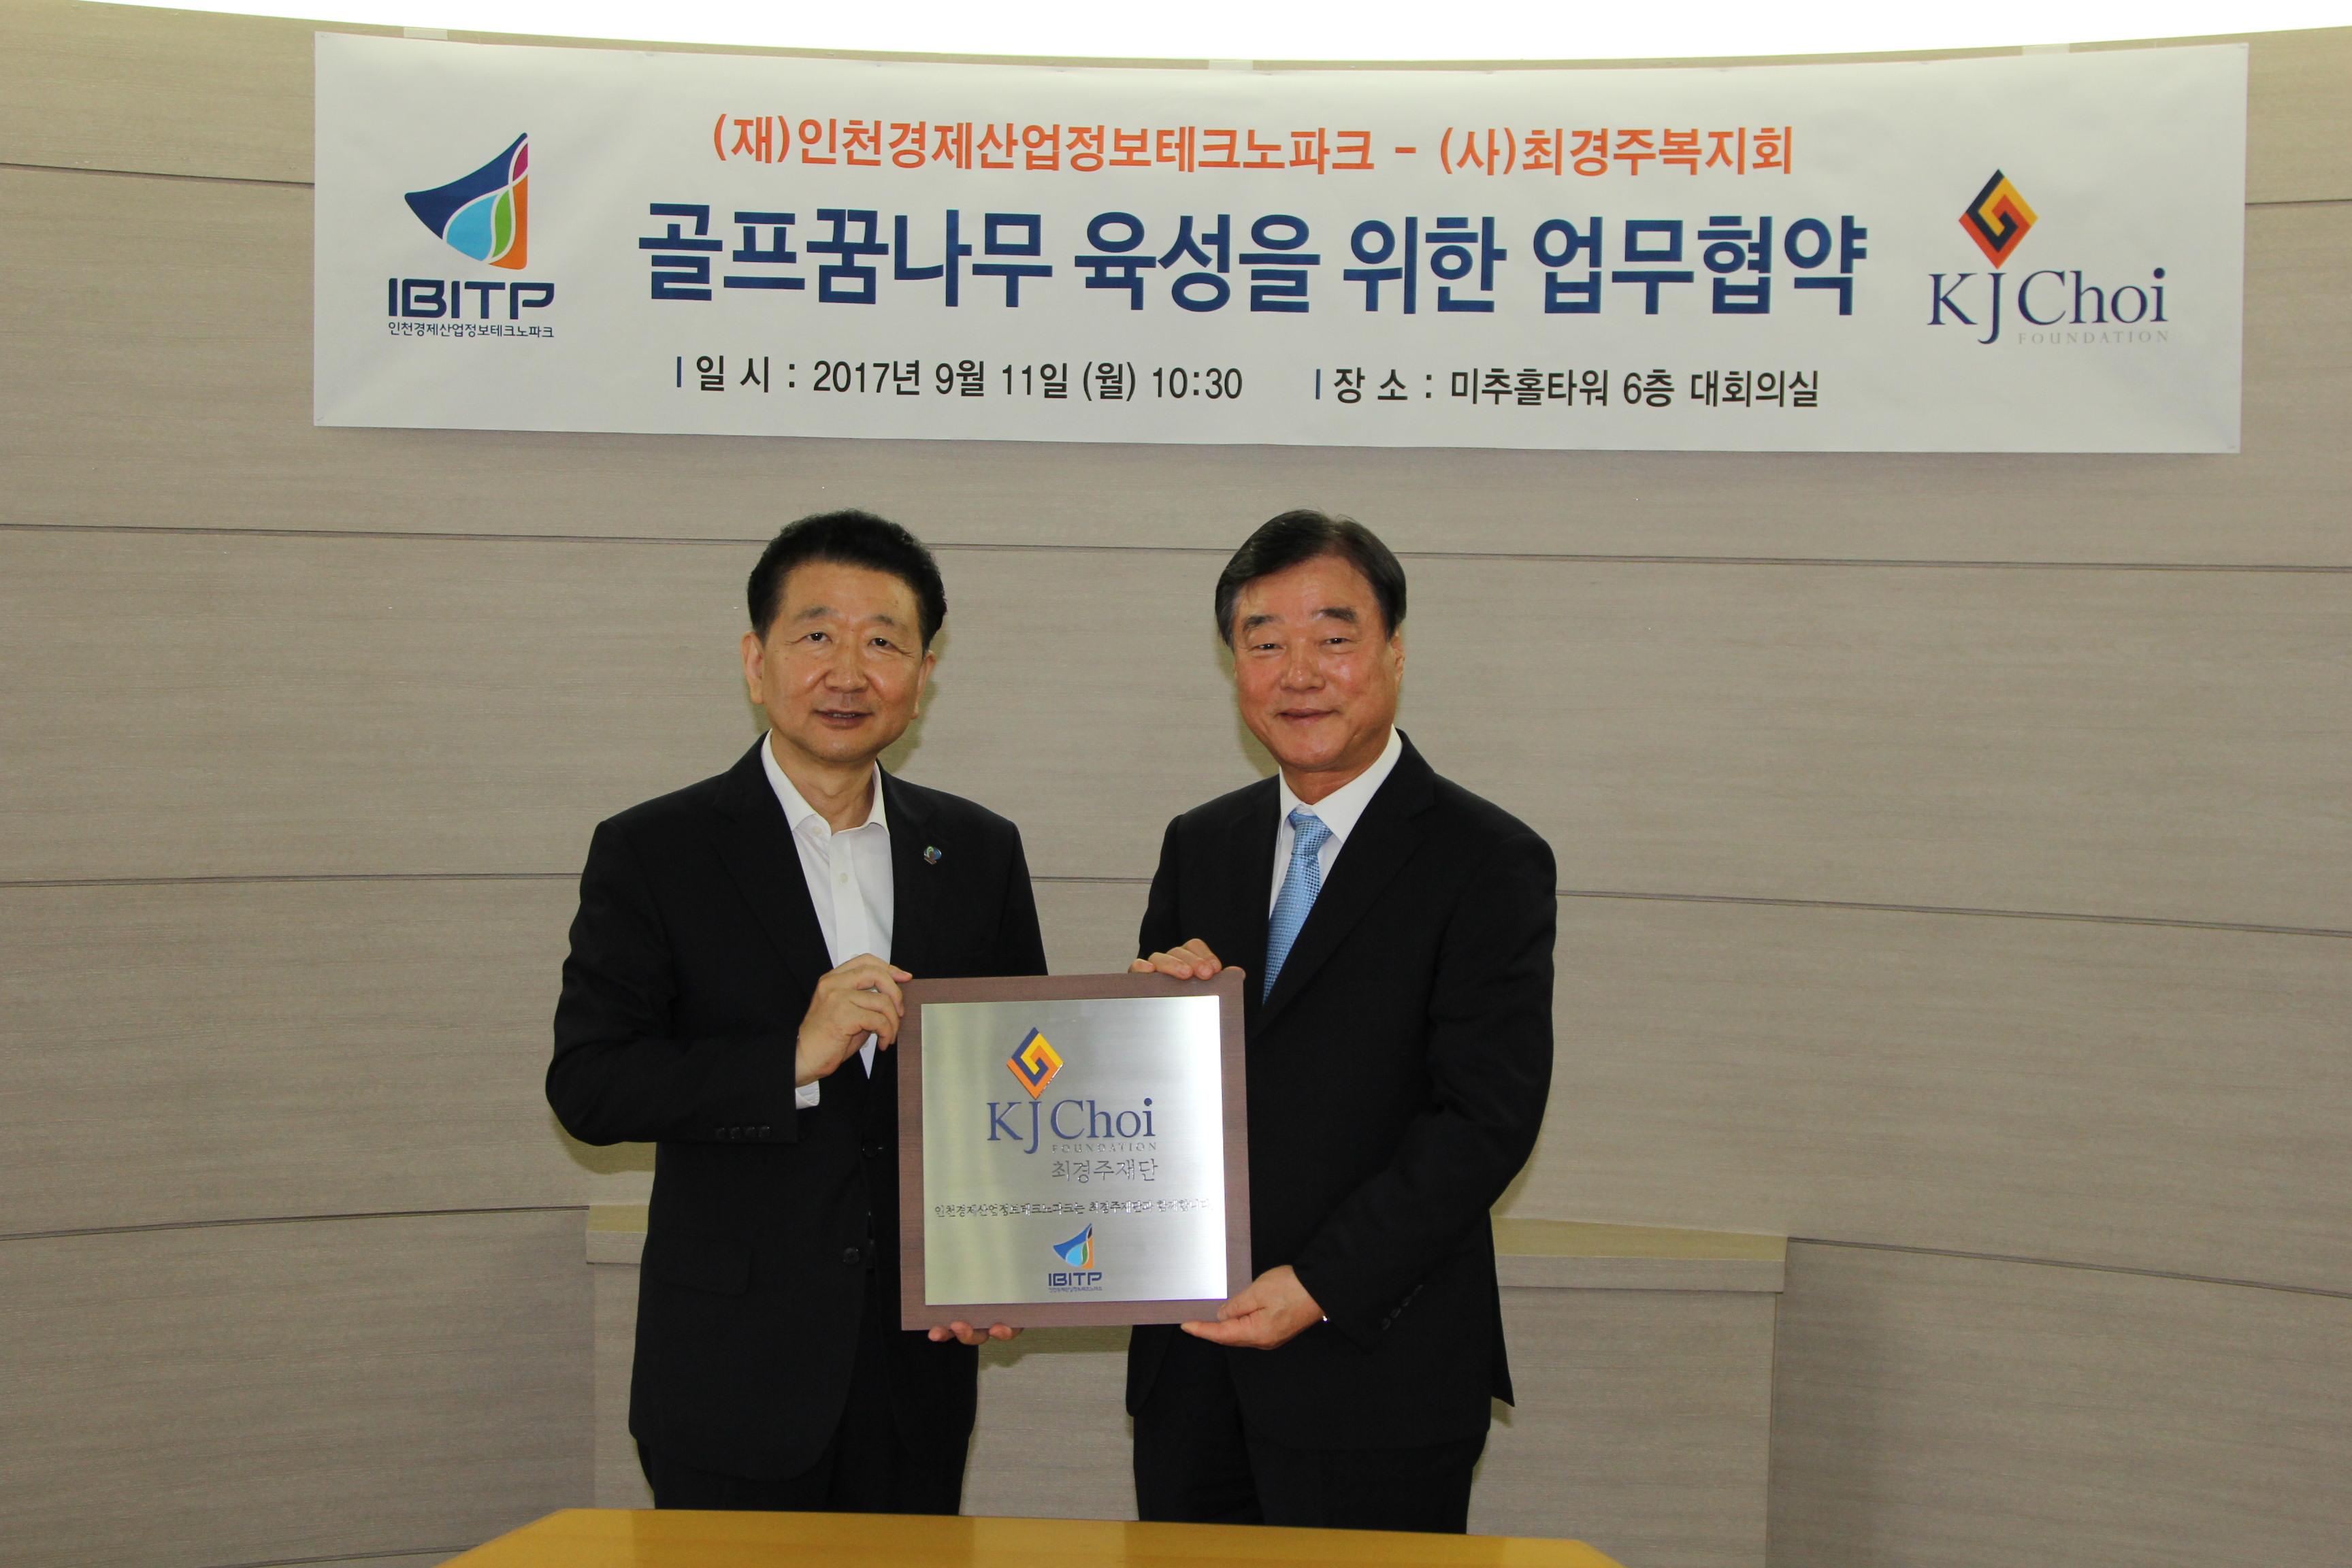 20170911_최경주재단과 업무협약 체결2.JPG